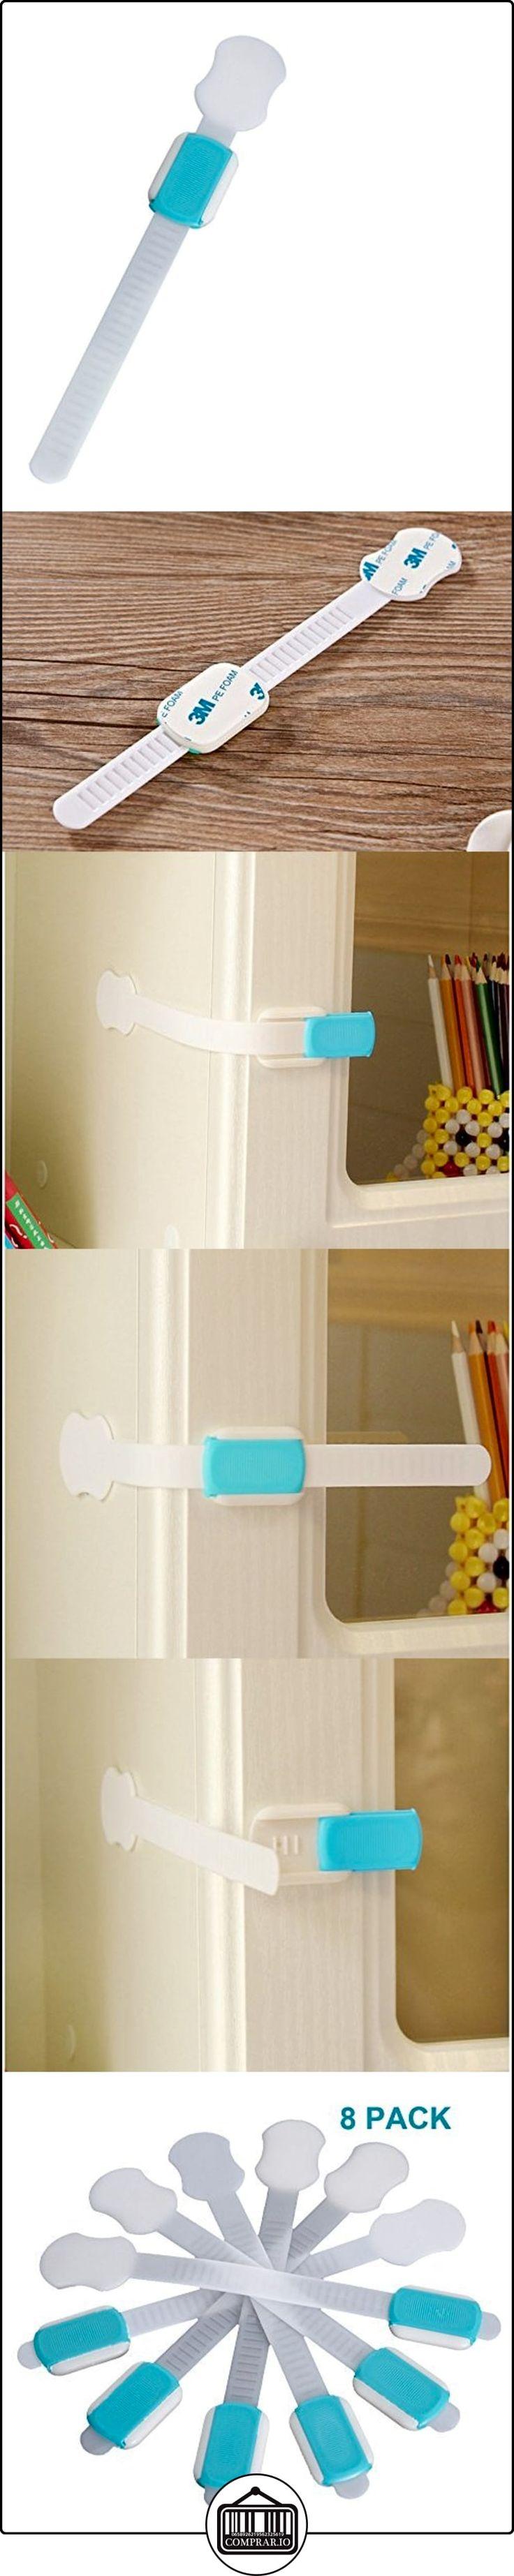 8pcs protección del bebé Bendy refrigerador gabinete puerta cerrojo cajón WC bebé bloqueo de seguridad  ✿ Seguridad para tu bebé - (Protege a tus hijos) ✿ ▬► Ver oferta: http://comprar.io/goto/B01MG7D67U